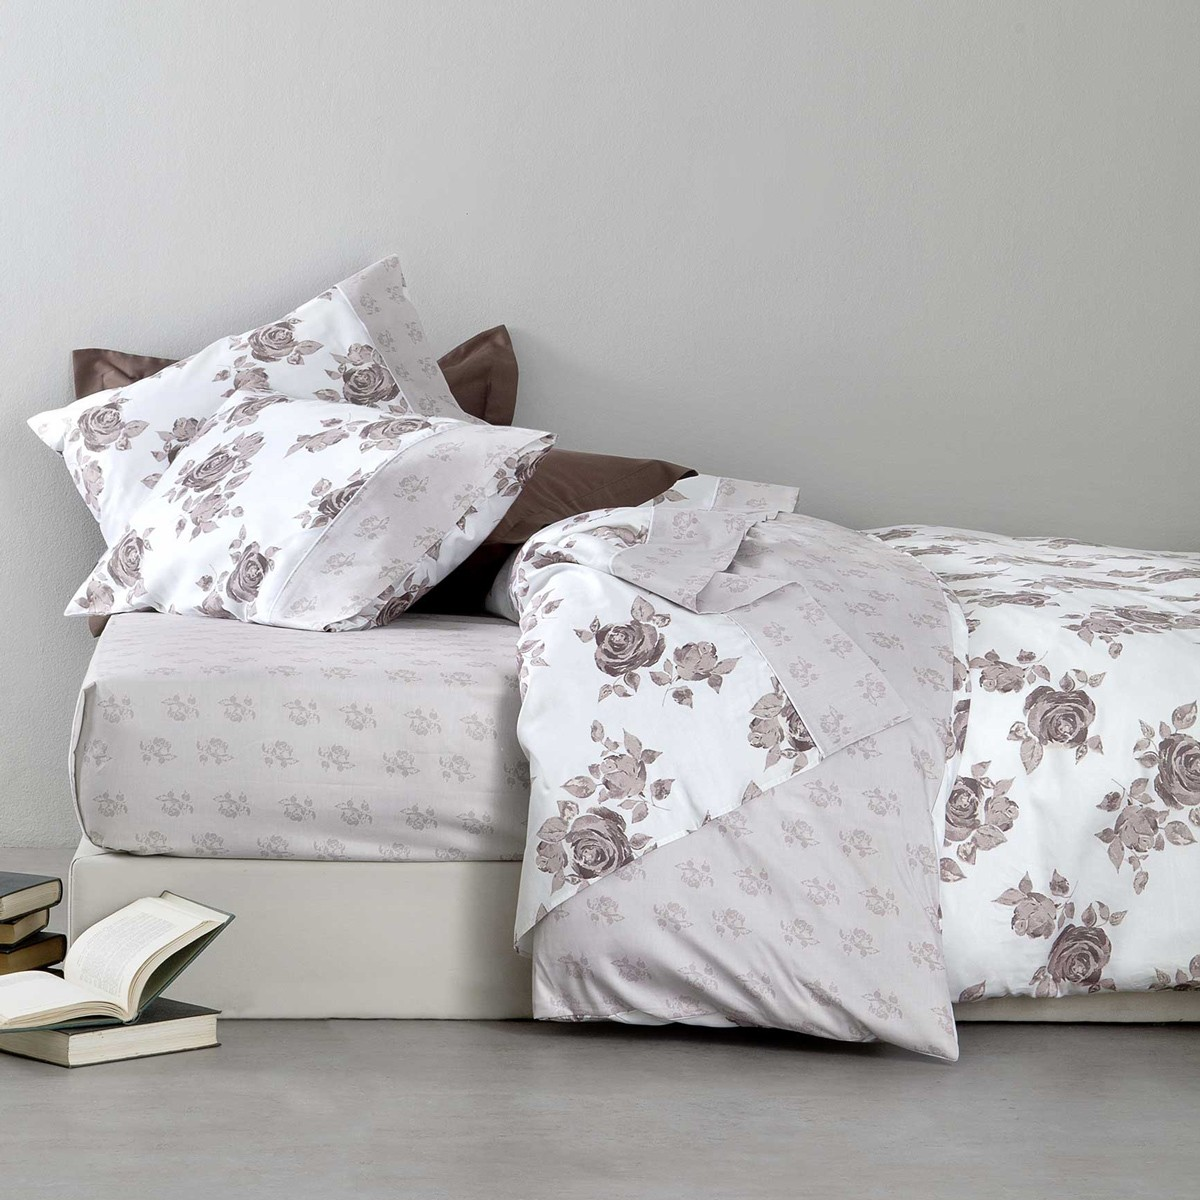 Σεντόνια Υπέρδιπλα (Σετ) Nima Bed Linen Rosalie Moca